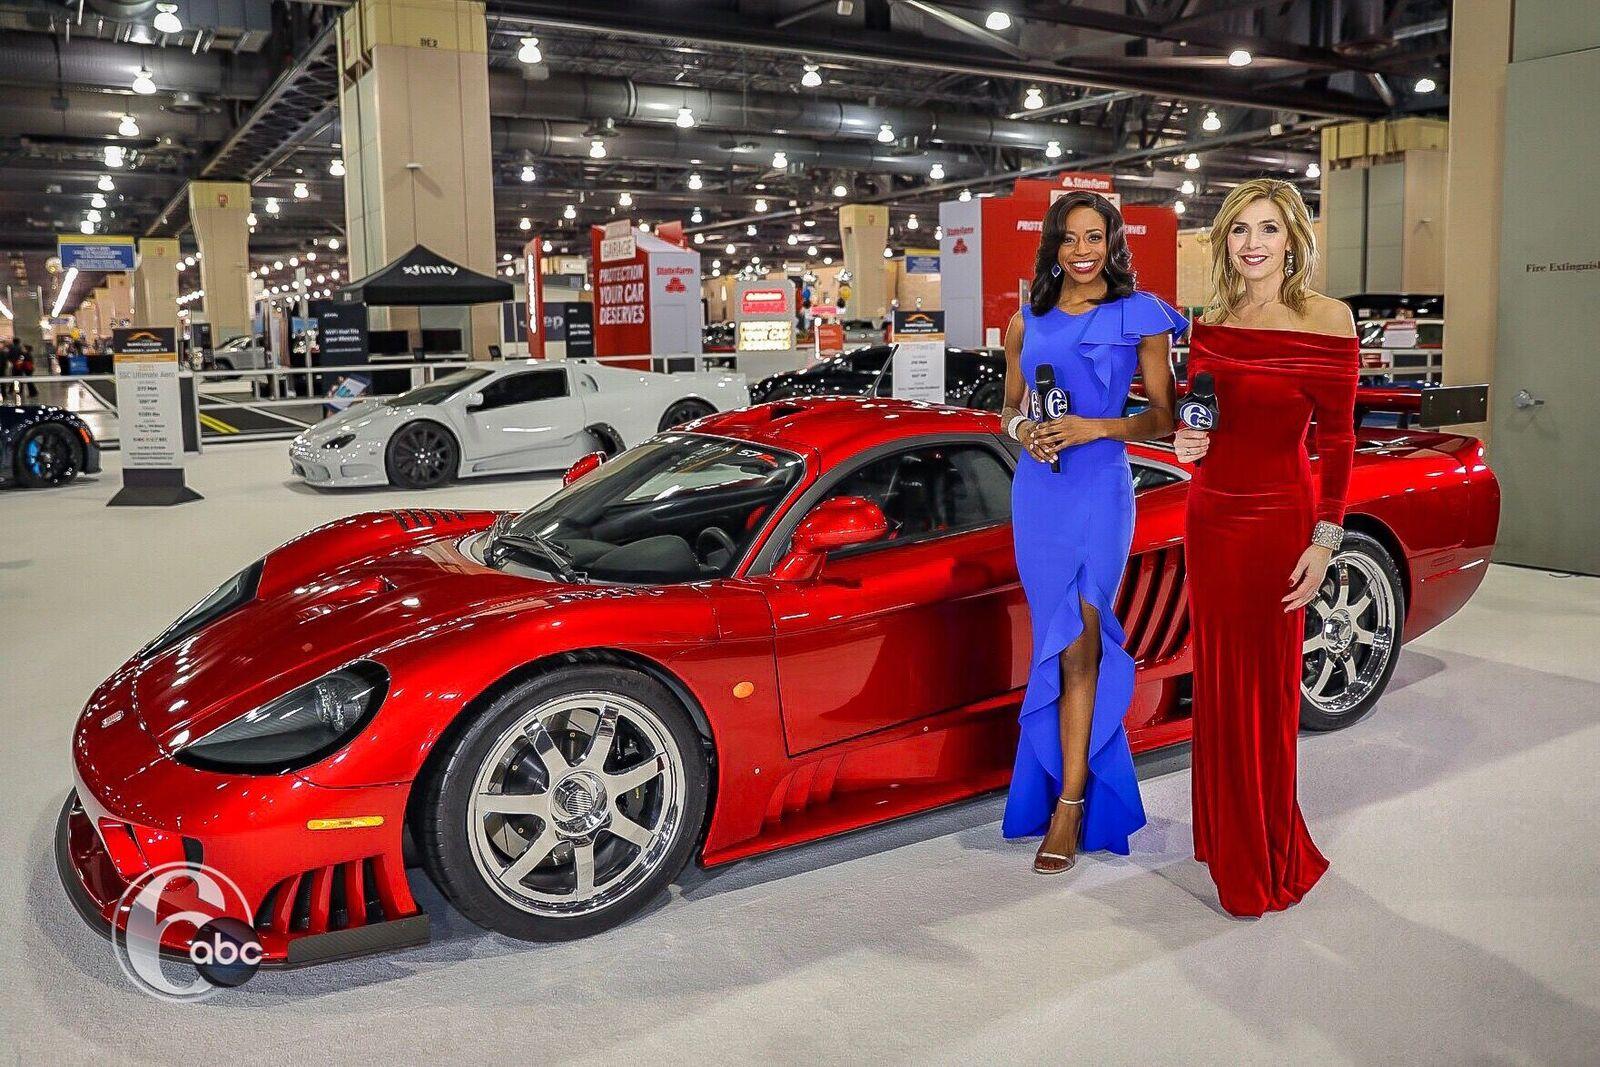 PHOTOS Philadelphia Auto Show Black Tie Tailgate Abccom - Philly car show